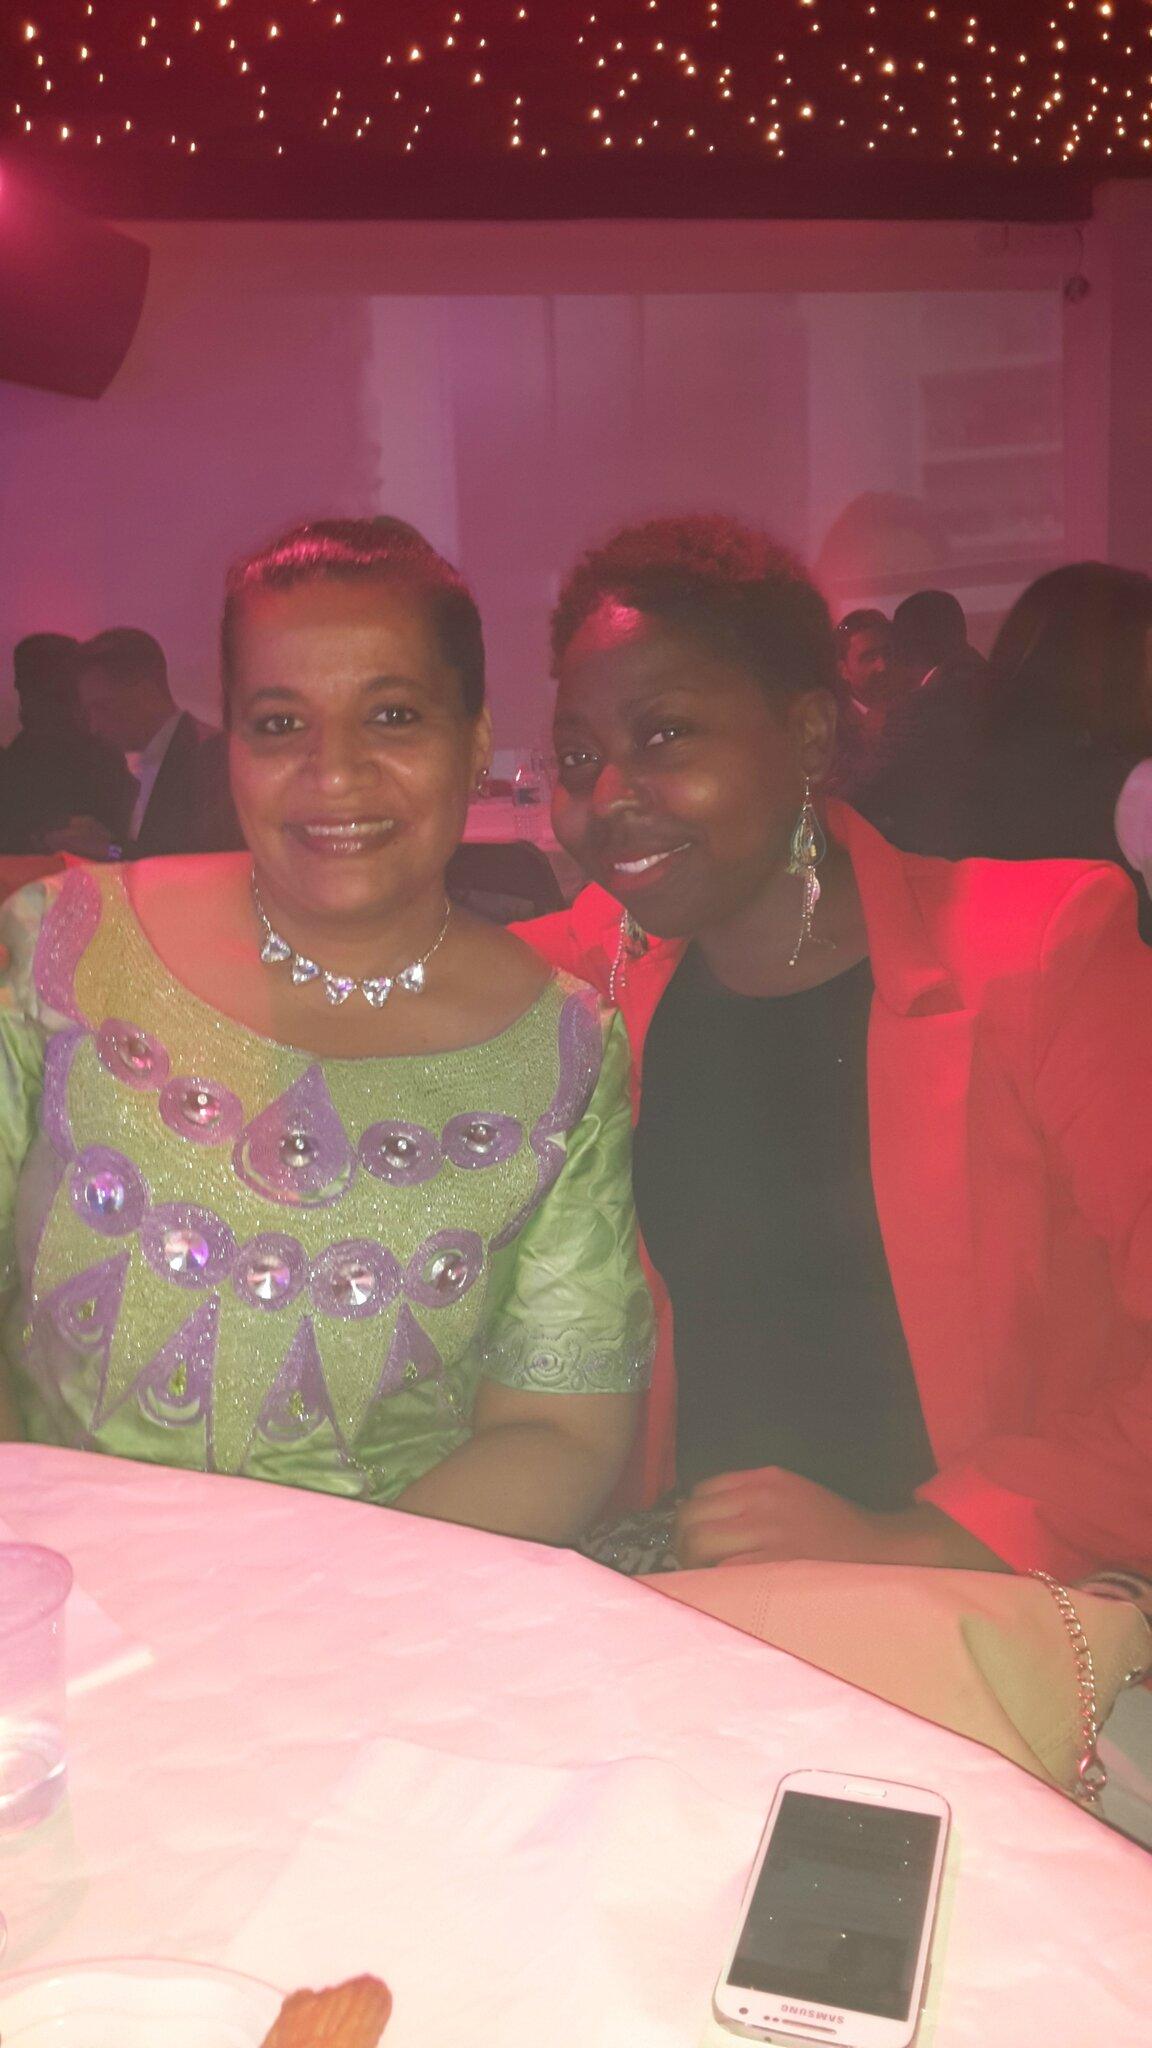 Avec Sandrine, une amie d'ARtowa. Une charmante desmoiselles. Merci pour votre accueil